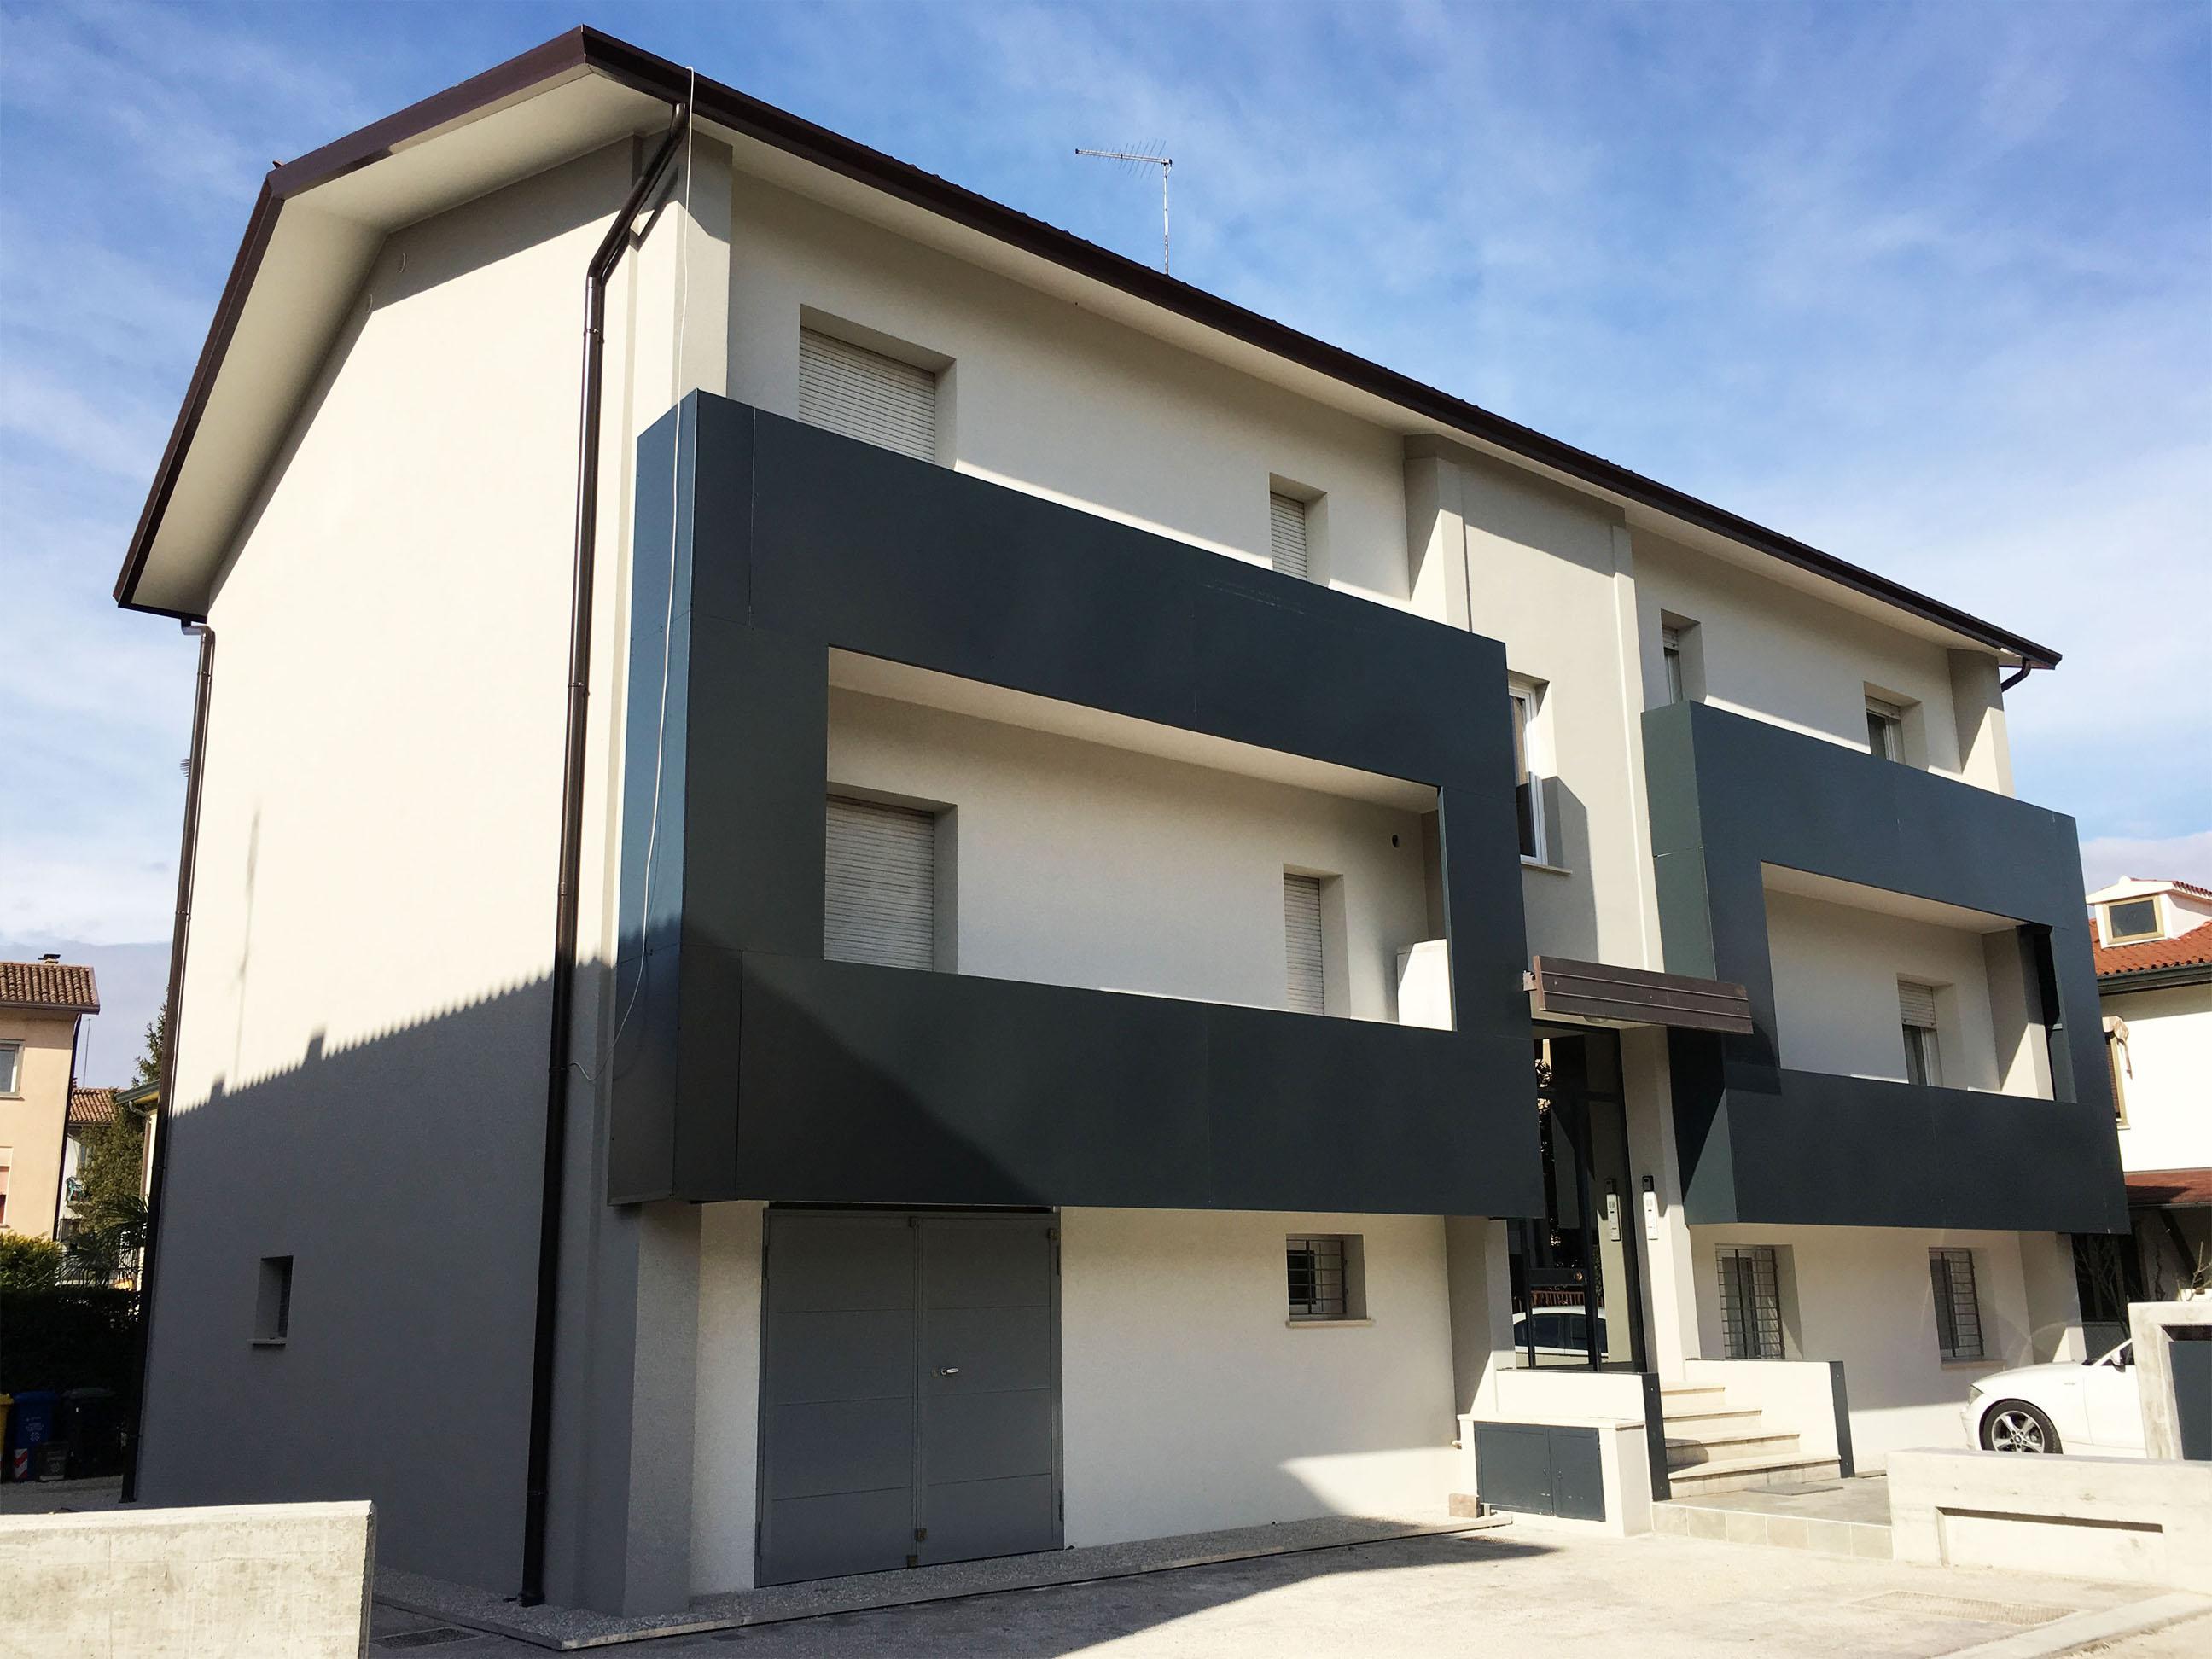 Treviso - Camere in Affitto - San Zeno - Studio Architettura Zanatta 03